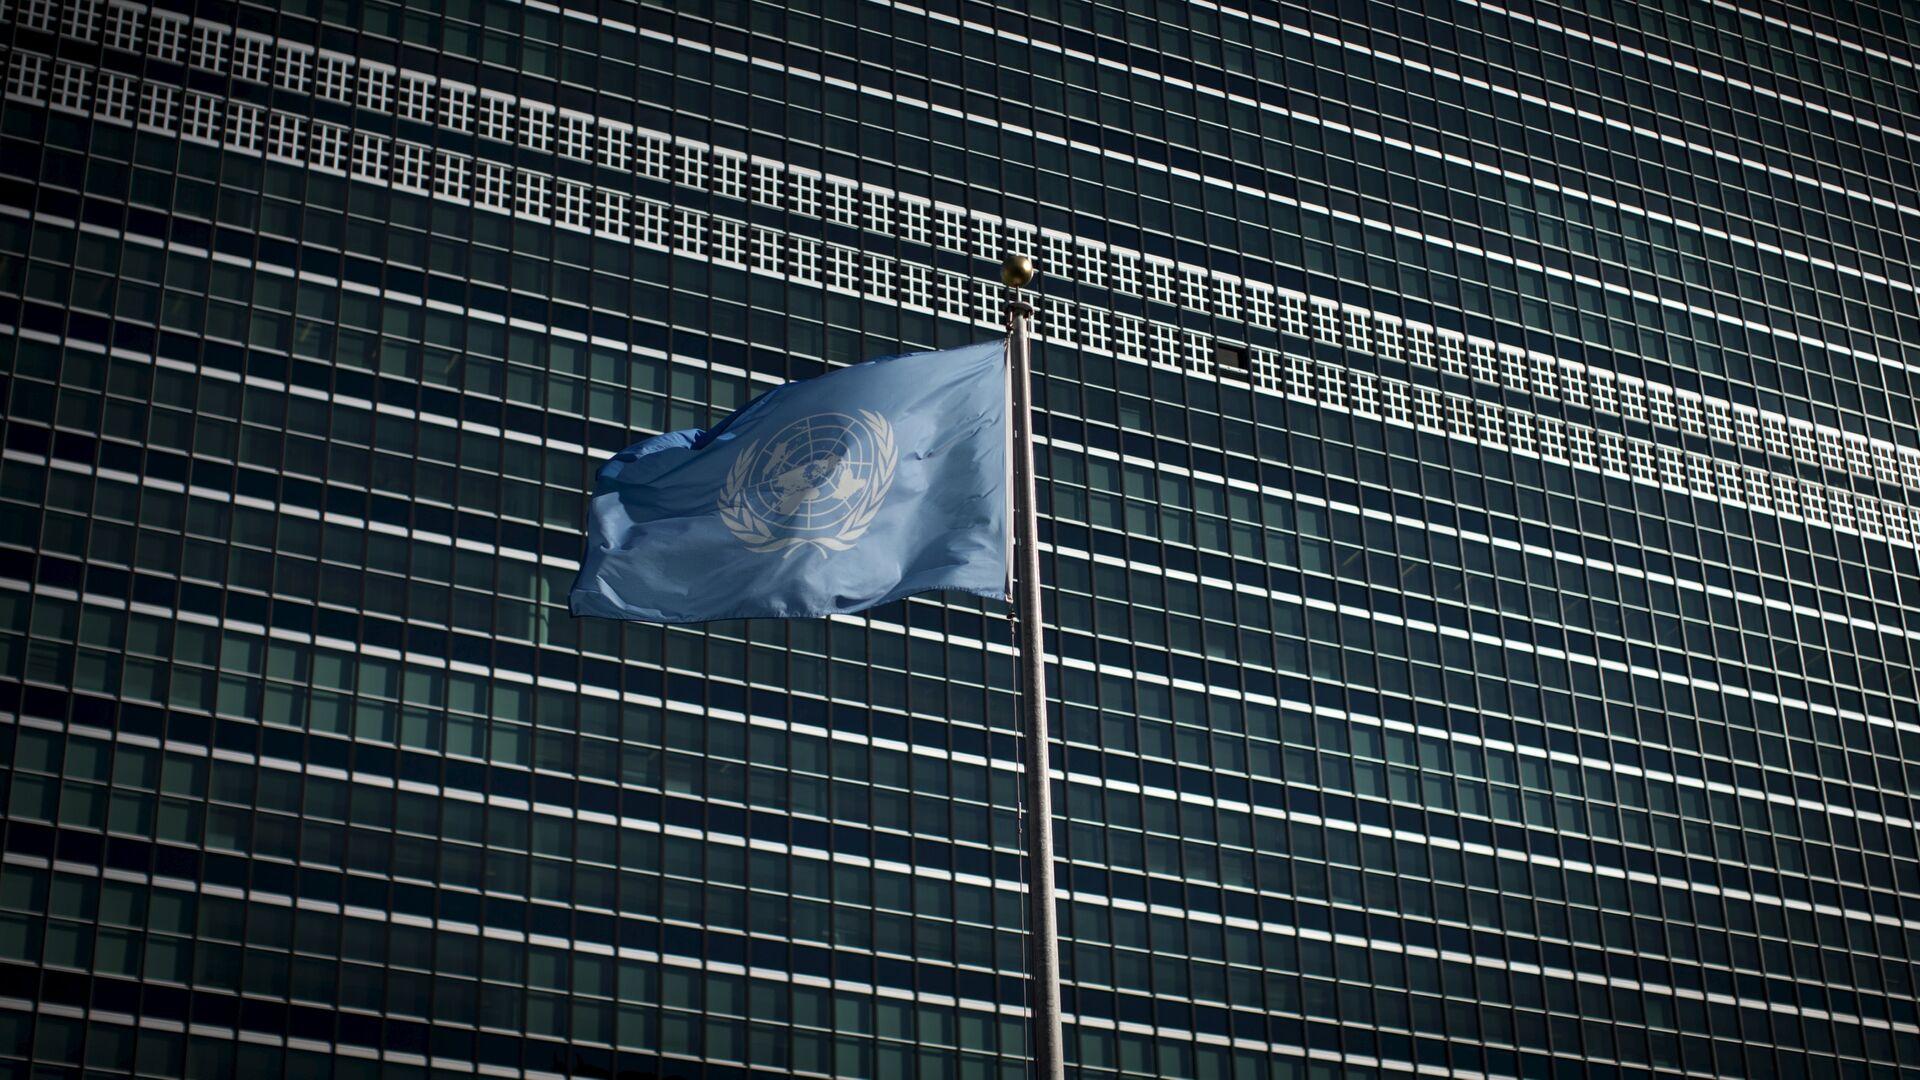 La bandera de la ONU - Sputnik Mundo, 1920, 10.02.2021